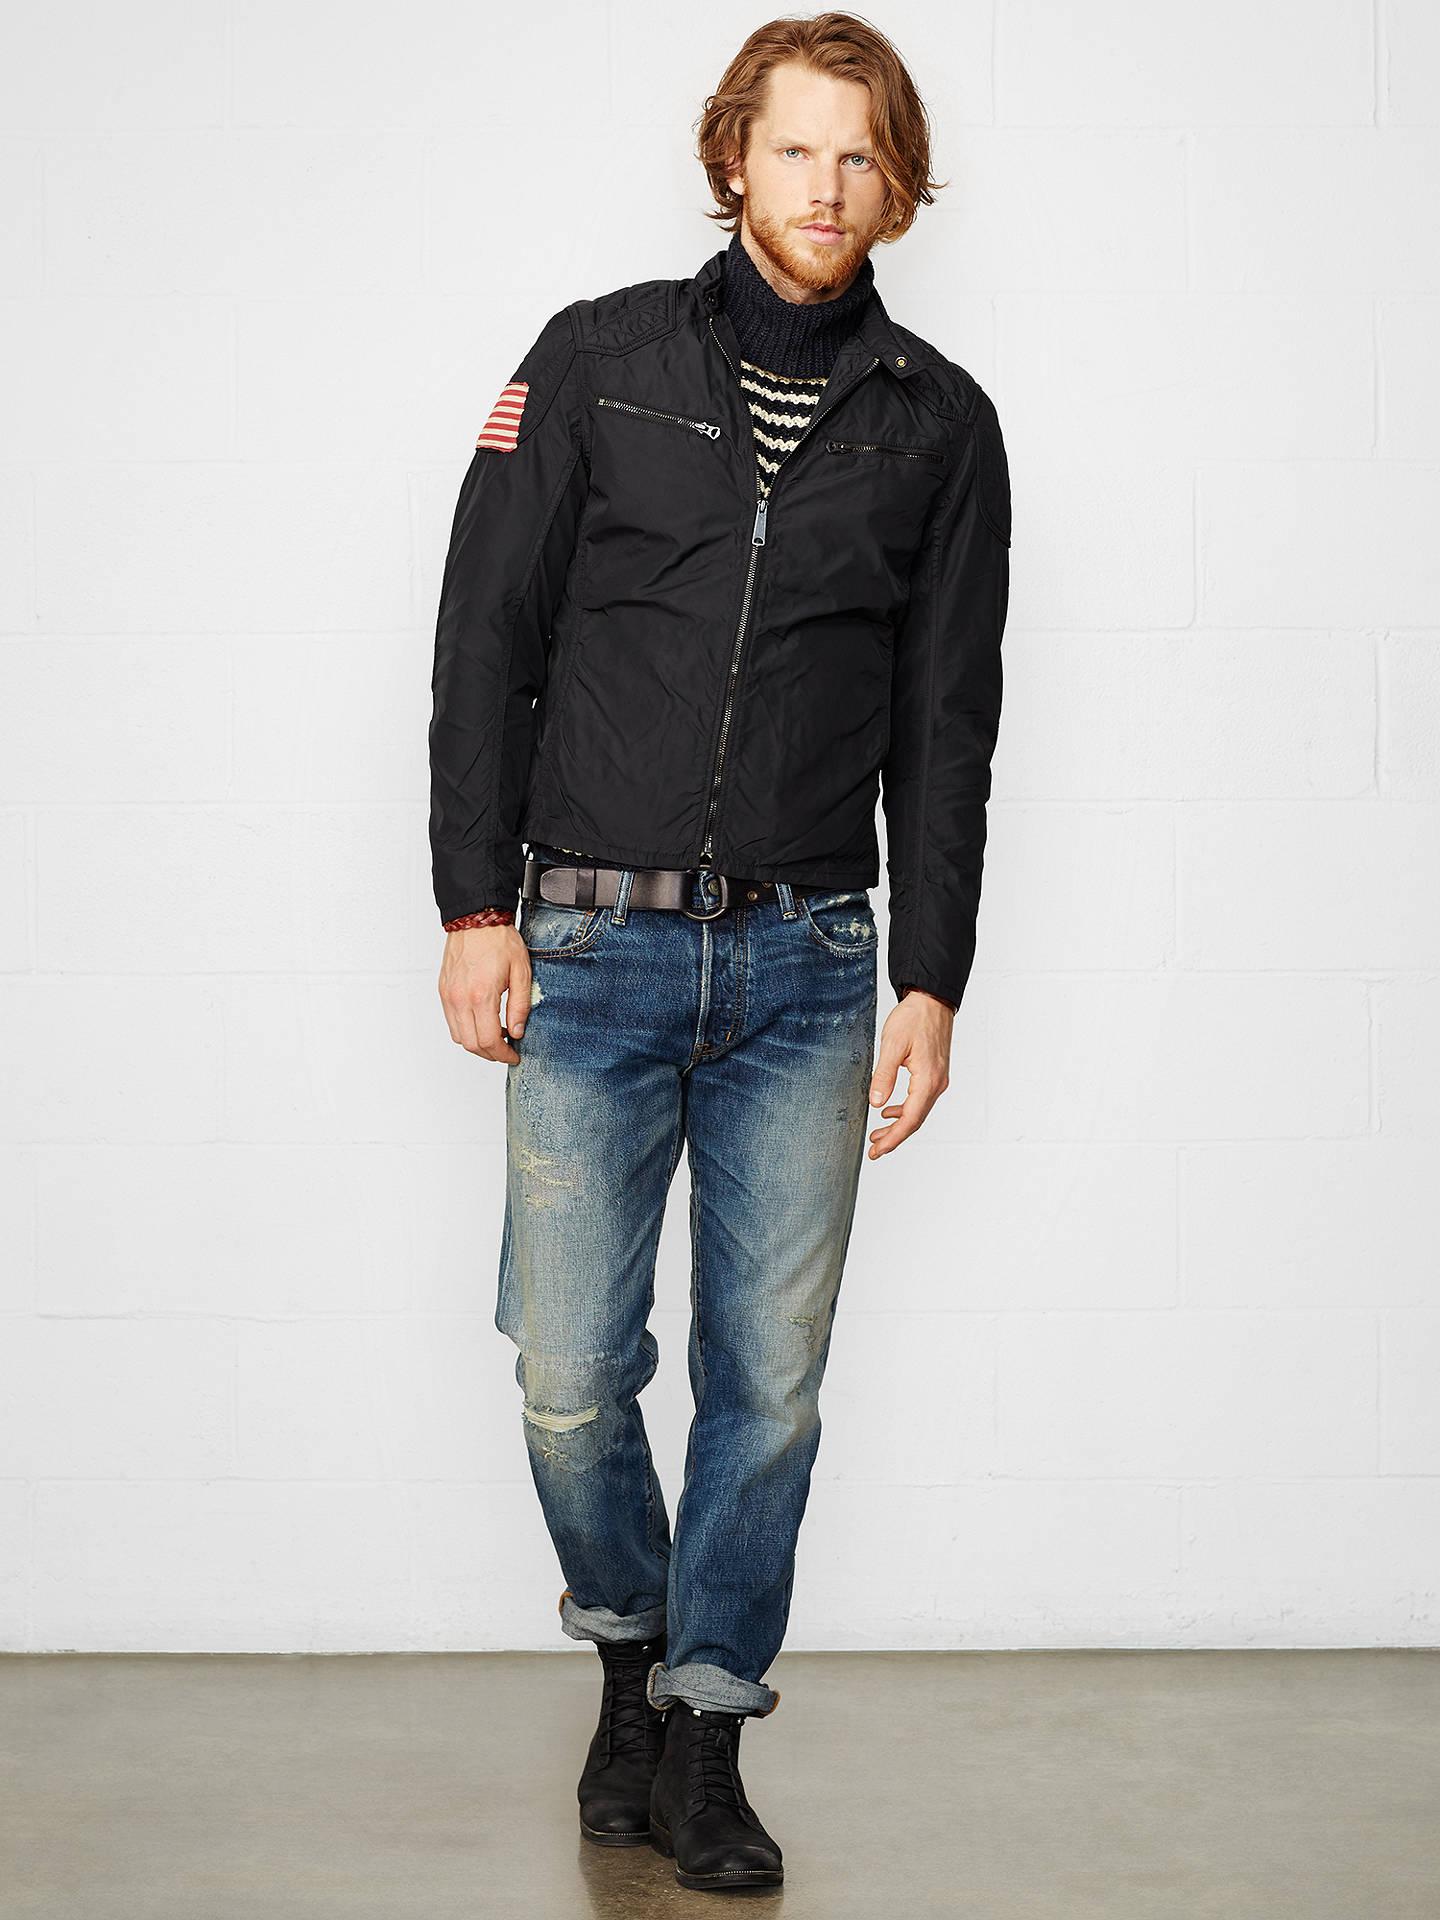 b313efc32 ... Buy Denim   Supply Ralph Lauren Motorcycle Lined Jacket